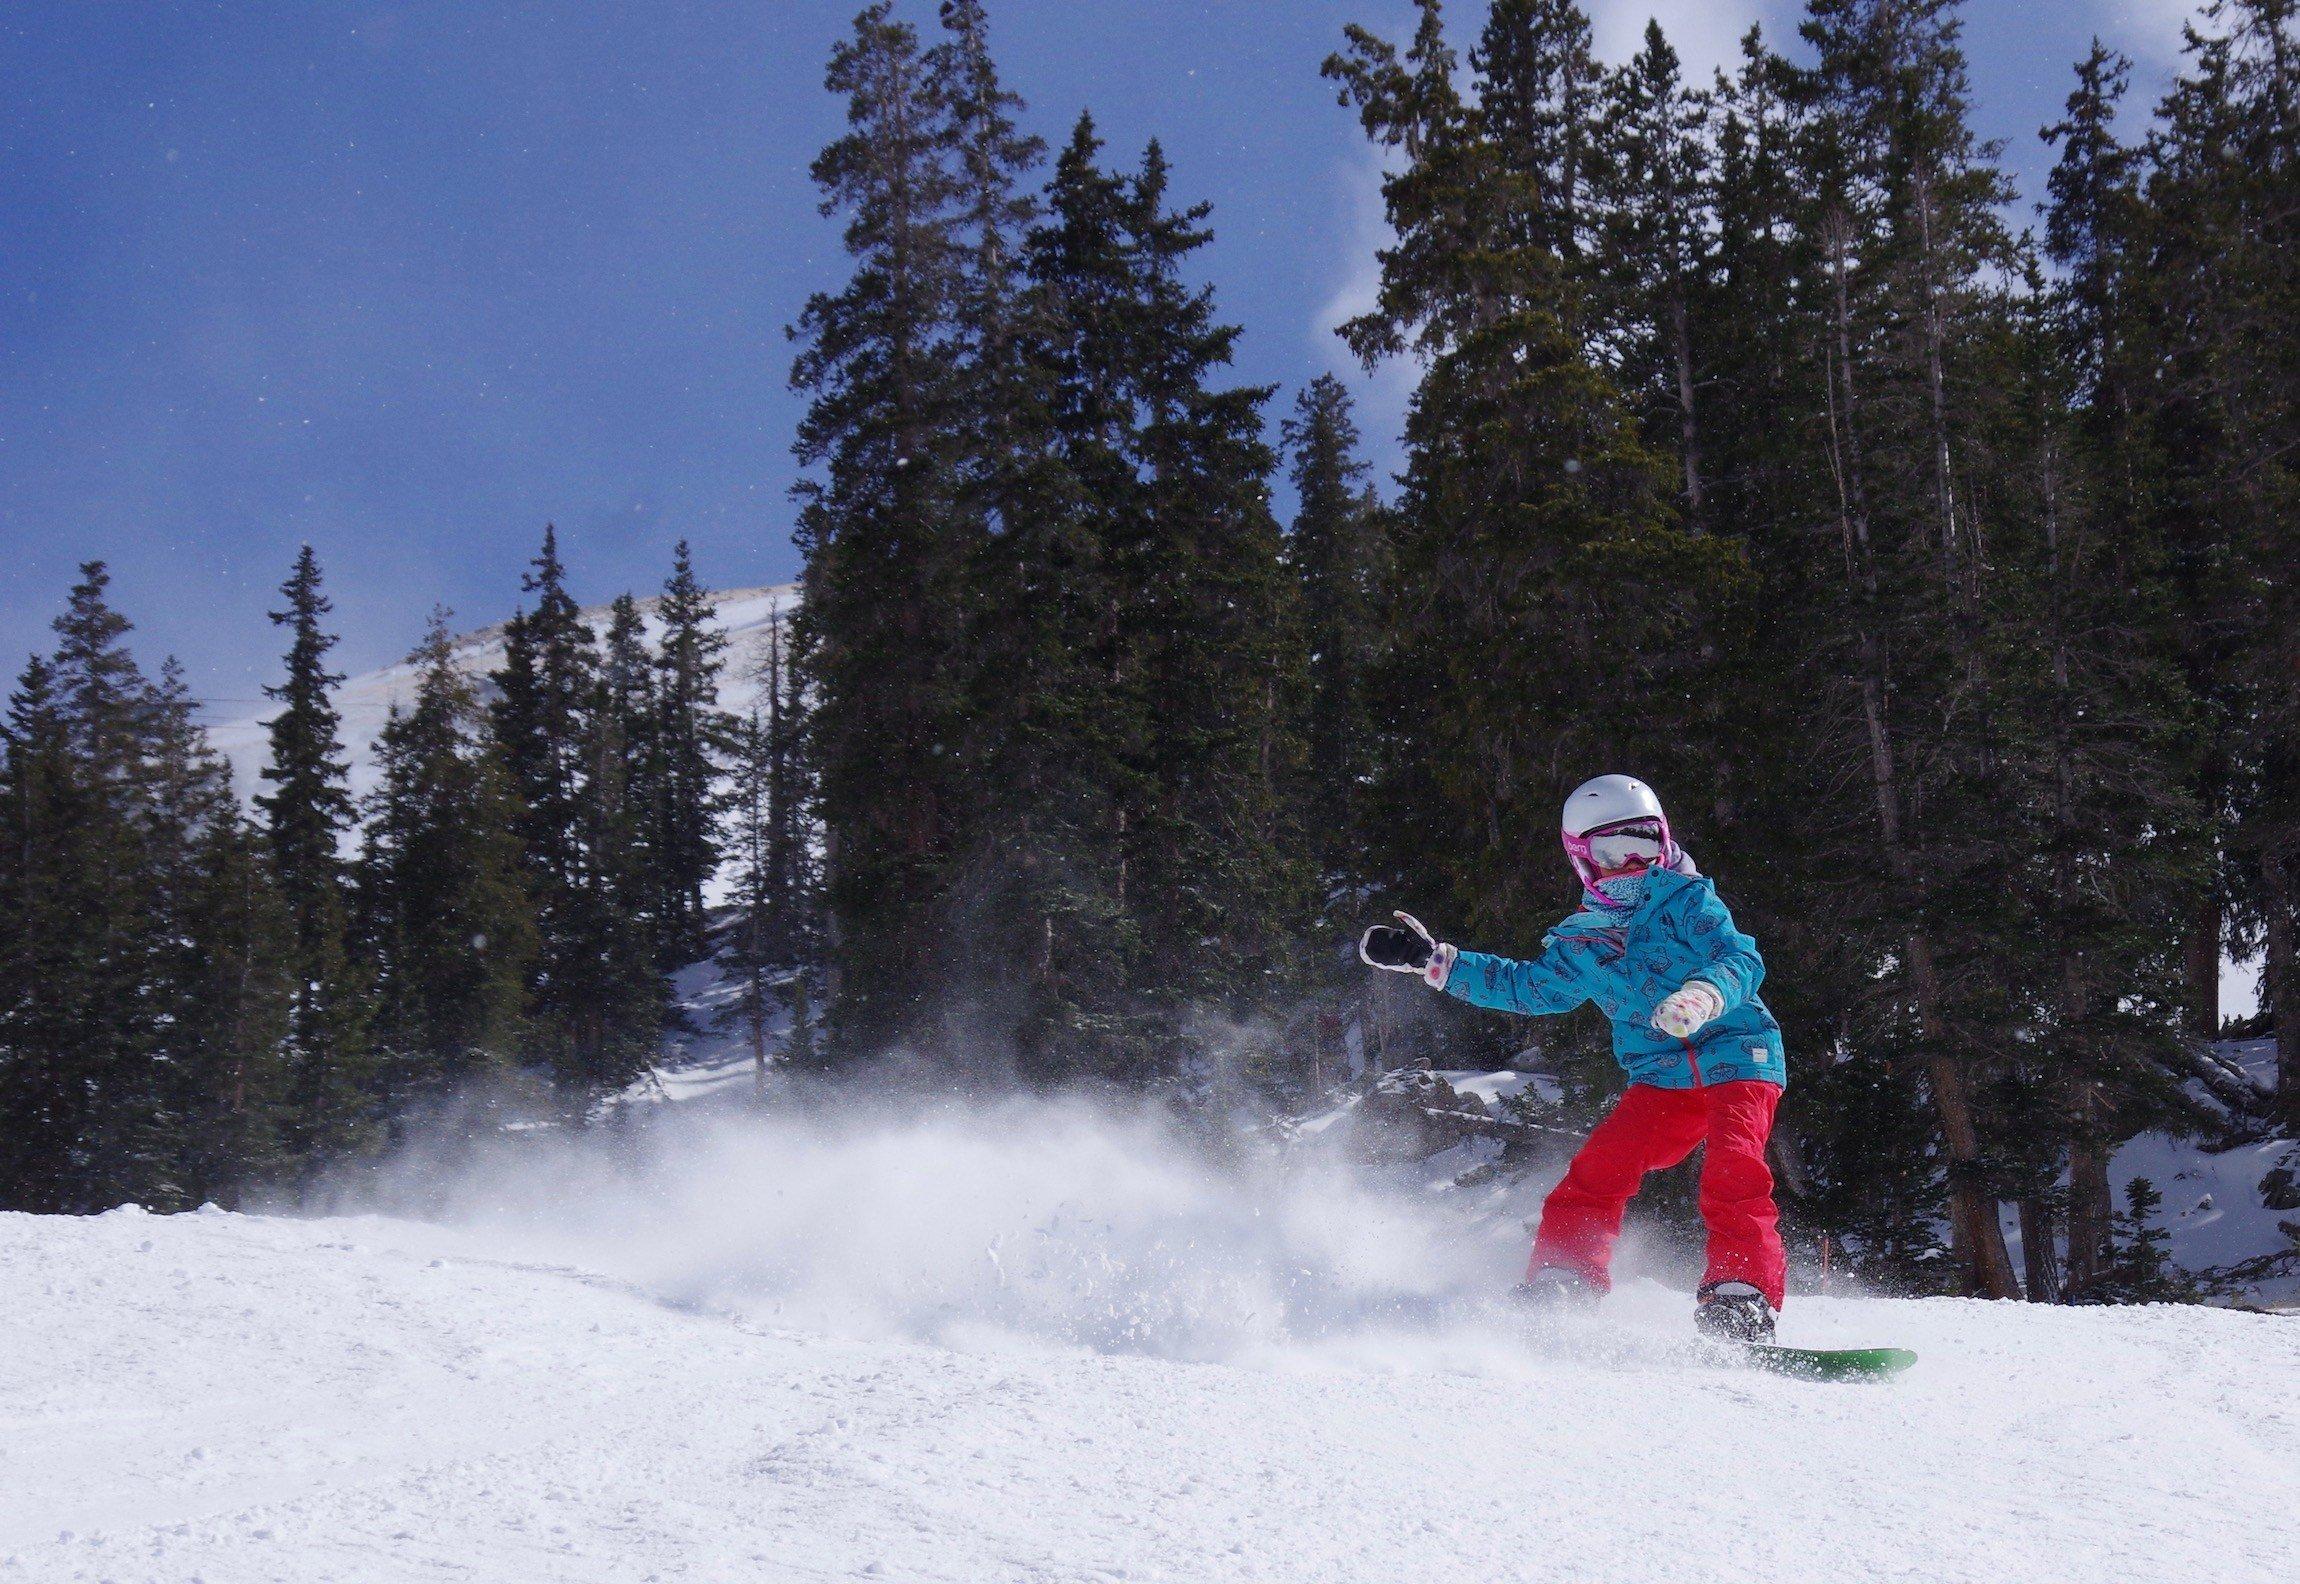 Loveland Ski Area now open (Photo: Dustin Schaefer)